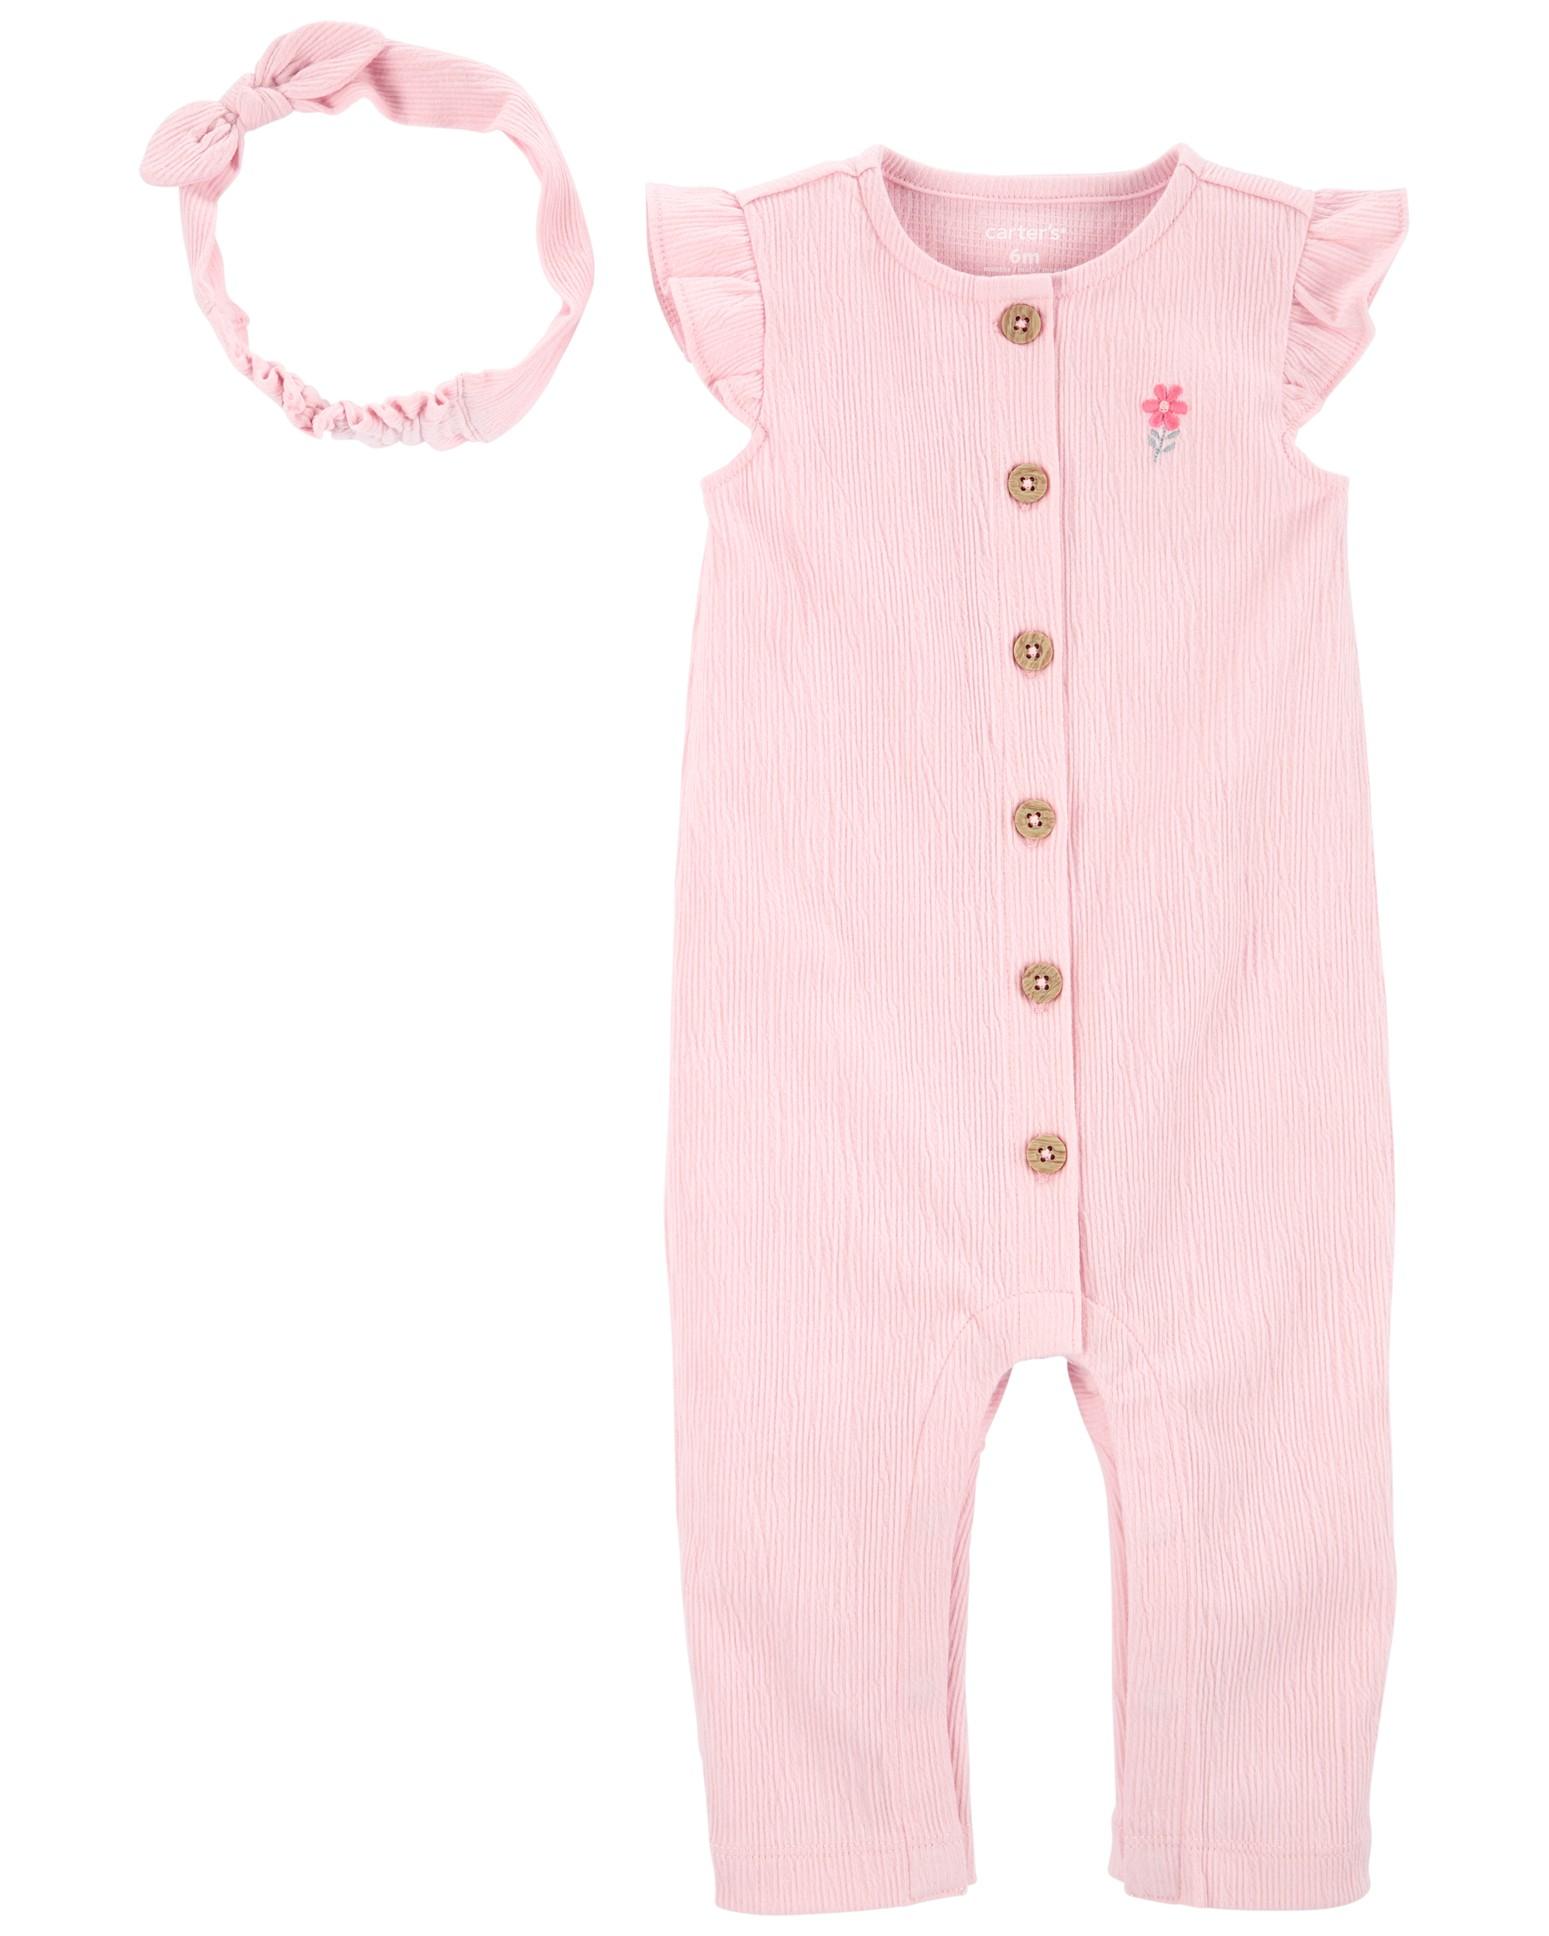 CARTER'S Set 2dielny overal na zips bez rukávov, čelenka Pink dievča LBB 6m, veľ. 68